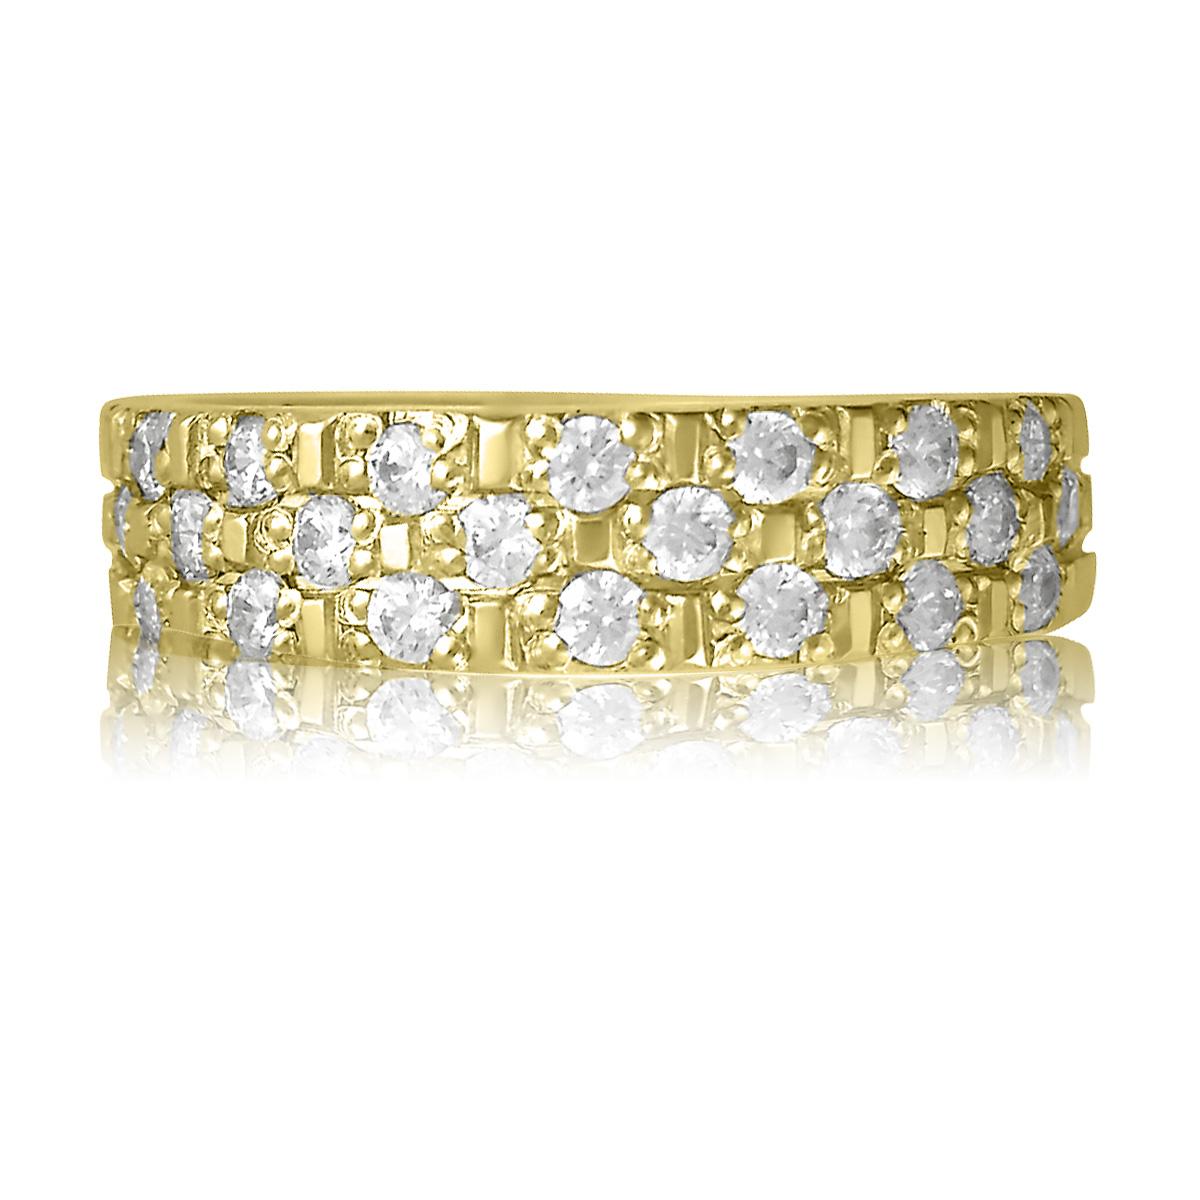 Золотое кольцо с кристаллами Сваровски купить